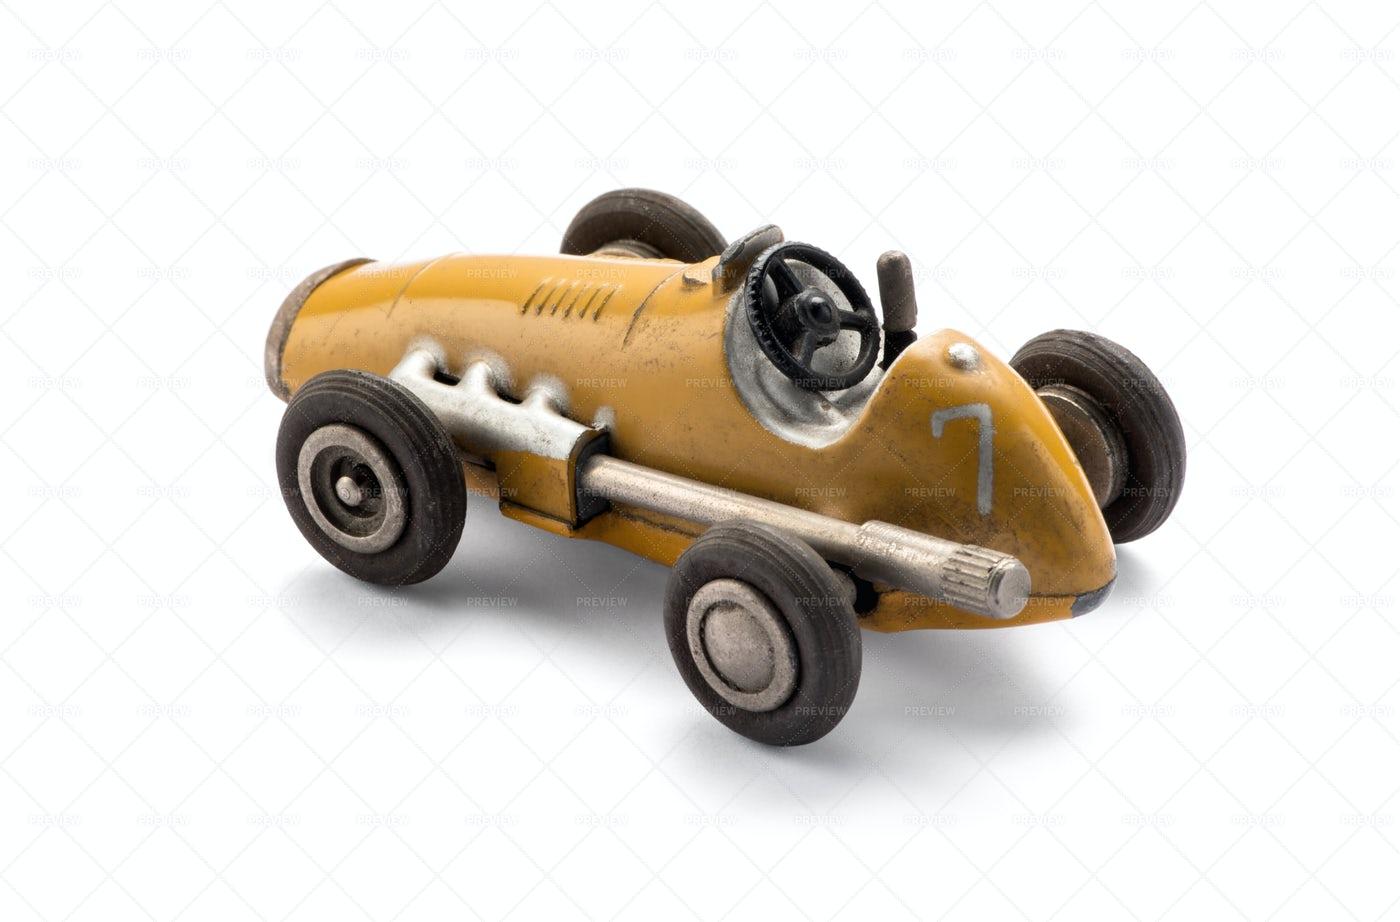 Vintage Toy Racing Car: Stock Photos